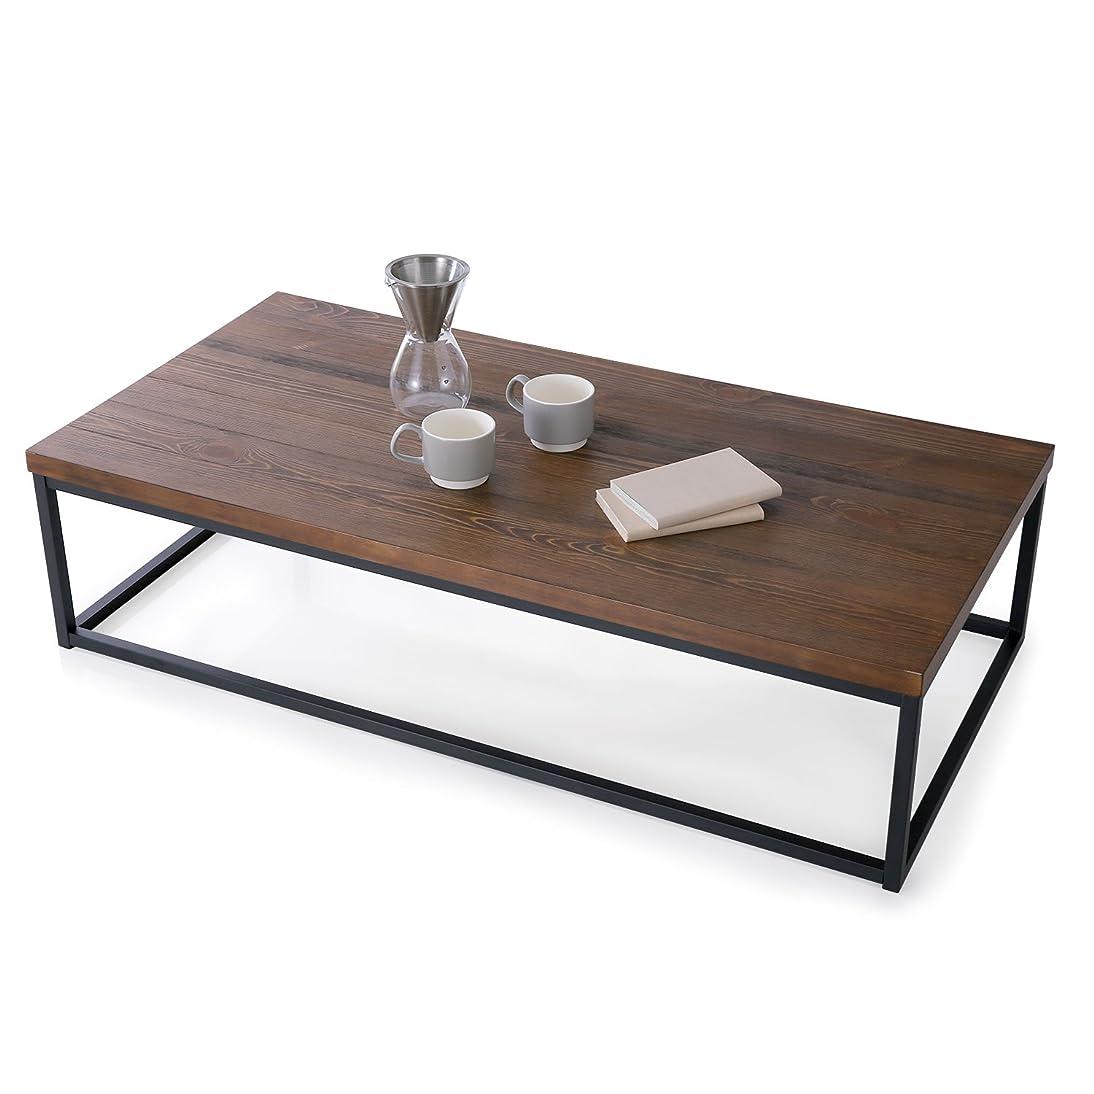 懐黙小麦粉LOWYA (ロウヤ) テーブル ローテーブル パイン材 突板 スチール脚 センターテーブル コーヒーテーブル 長方形 ダークブラウン おしゃれ 新生活